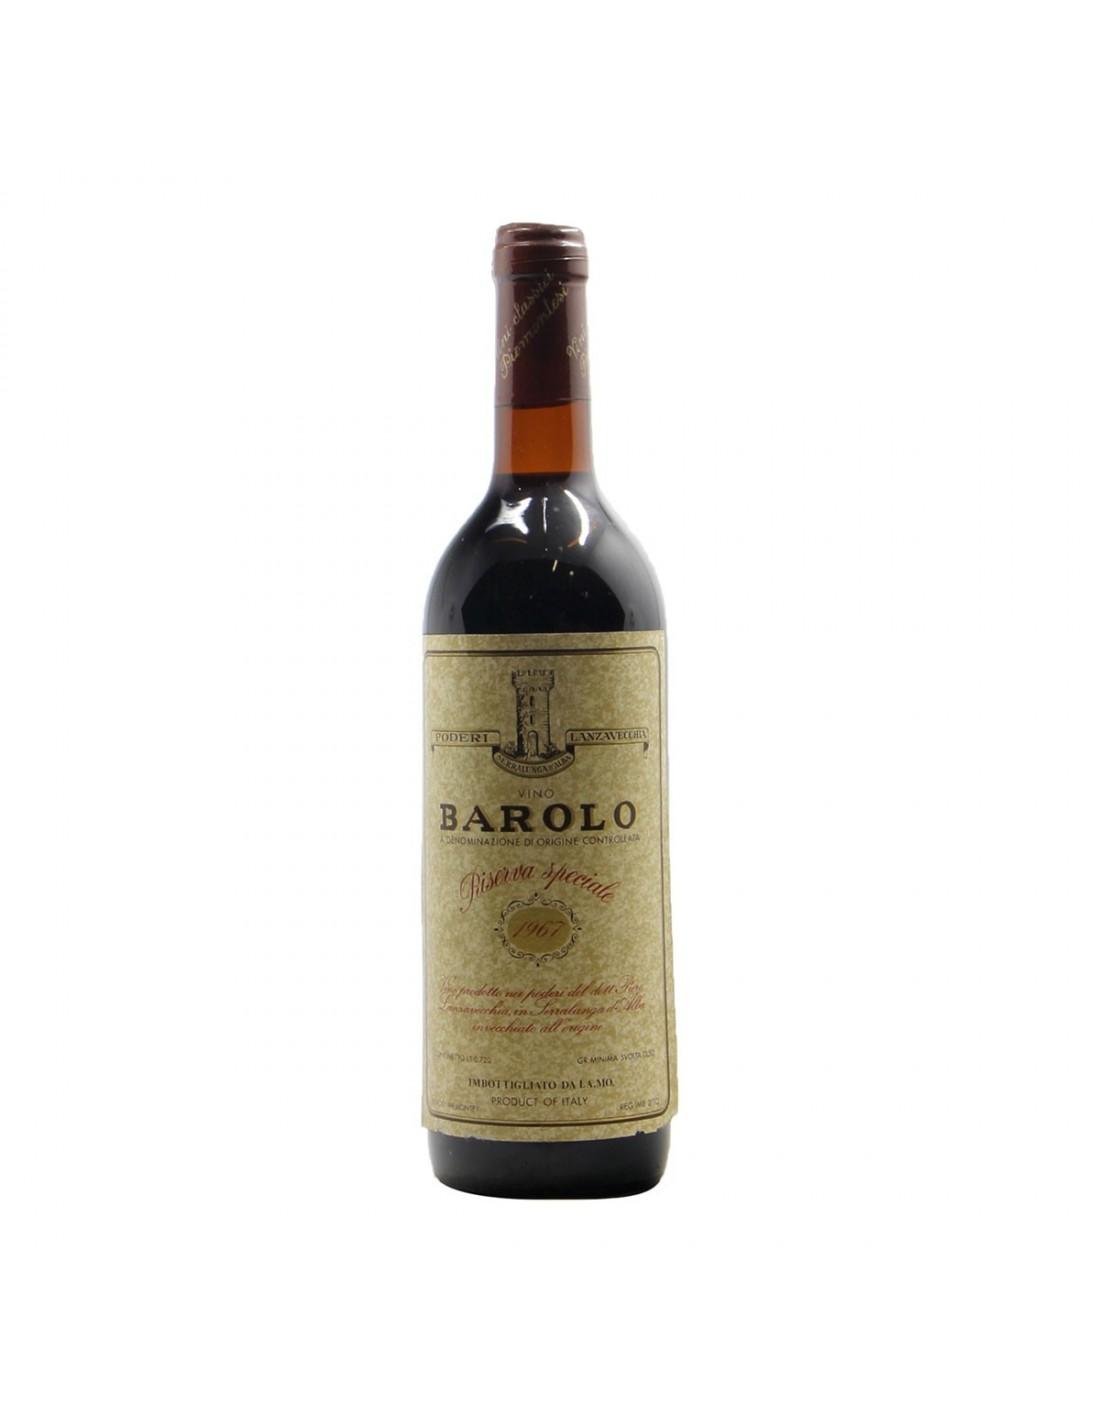 BAROLO RISERVA SPECIALE 1967 CANTINE LANZAVECCHIA Grandi Bottiglie